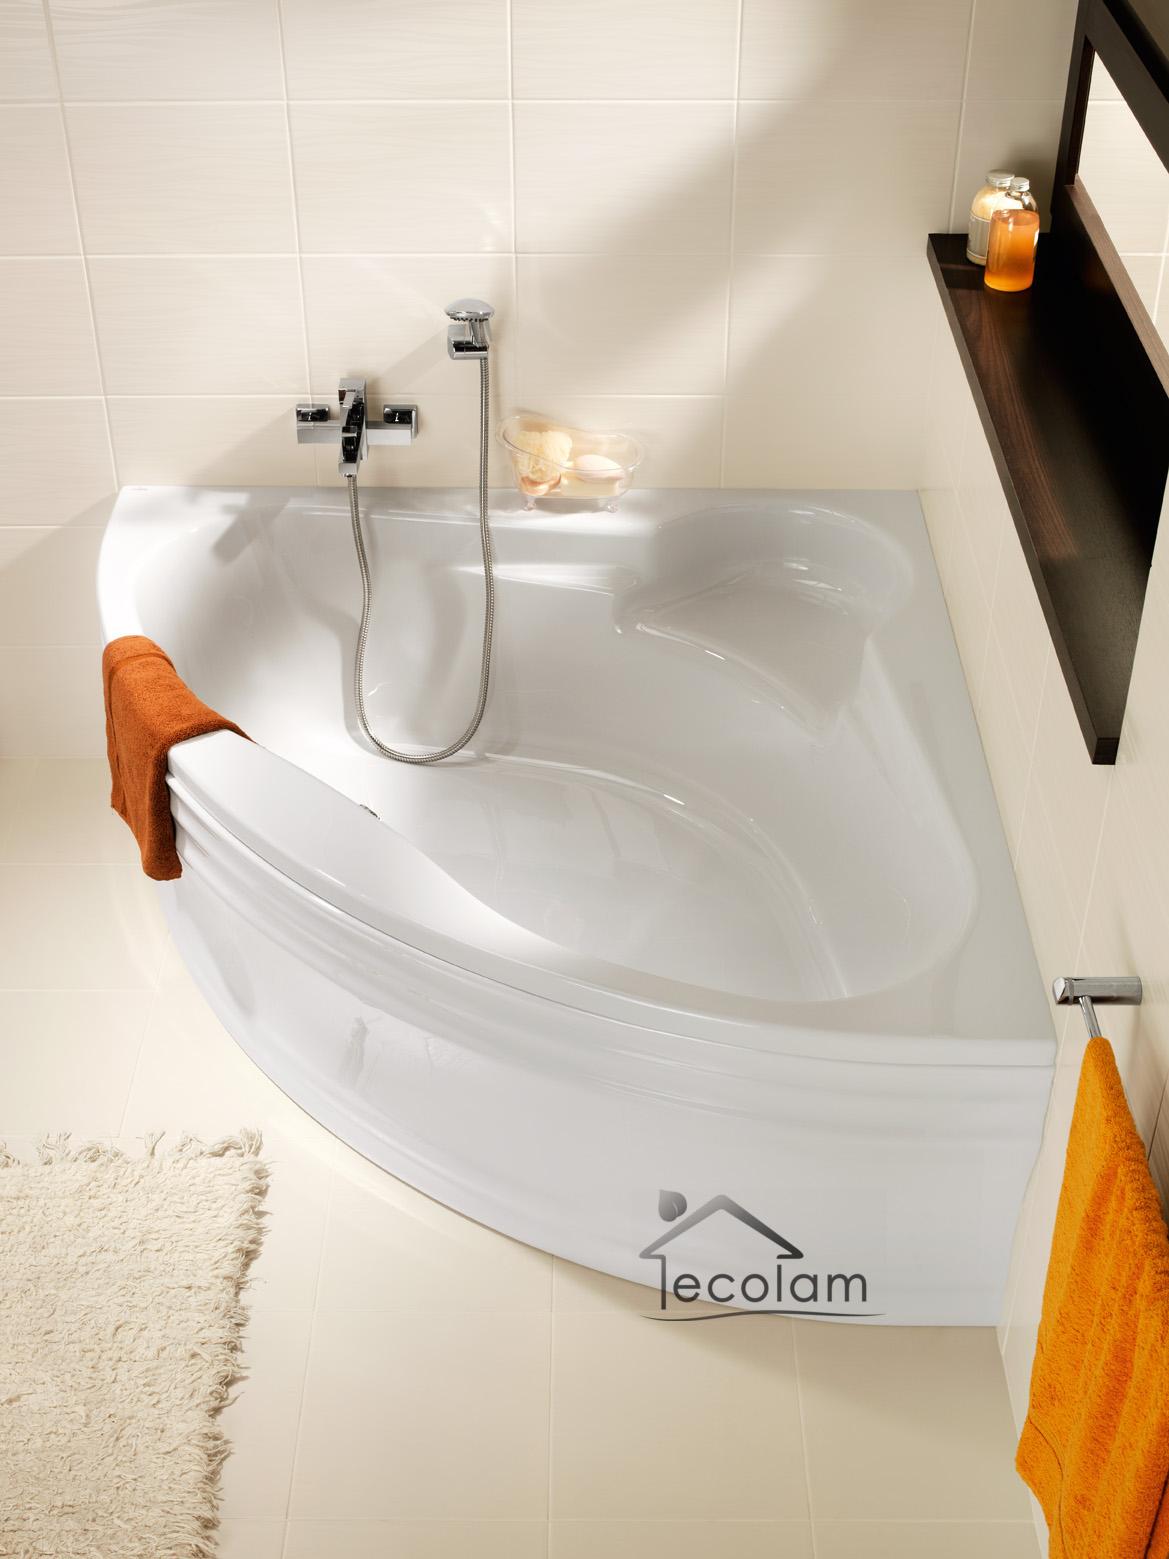 badewanne wanne eckbadewanne 140x140 150x150 cm sch rze sitz ab ber cersanit ebay. Black Bedroom Furniture Sets. Home Design Ideas